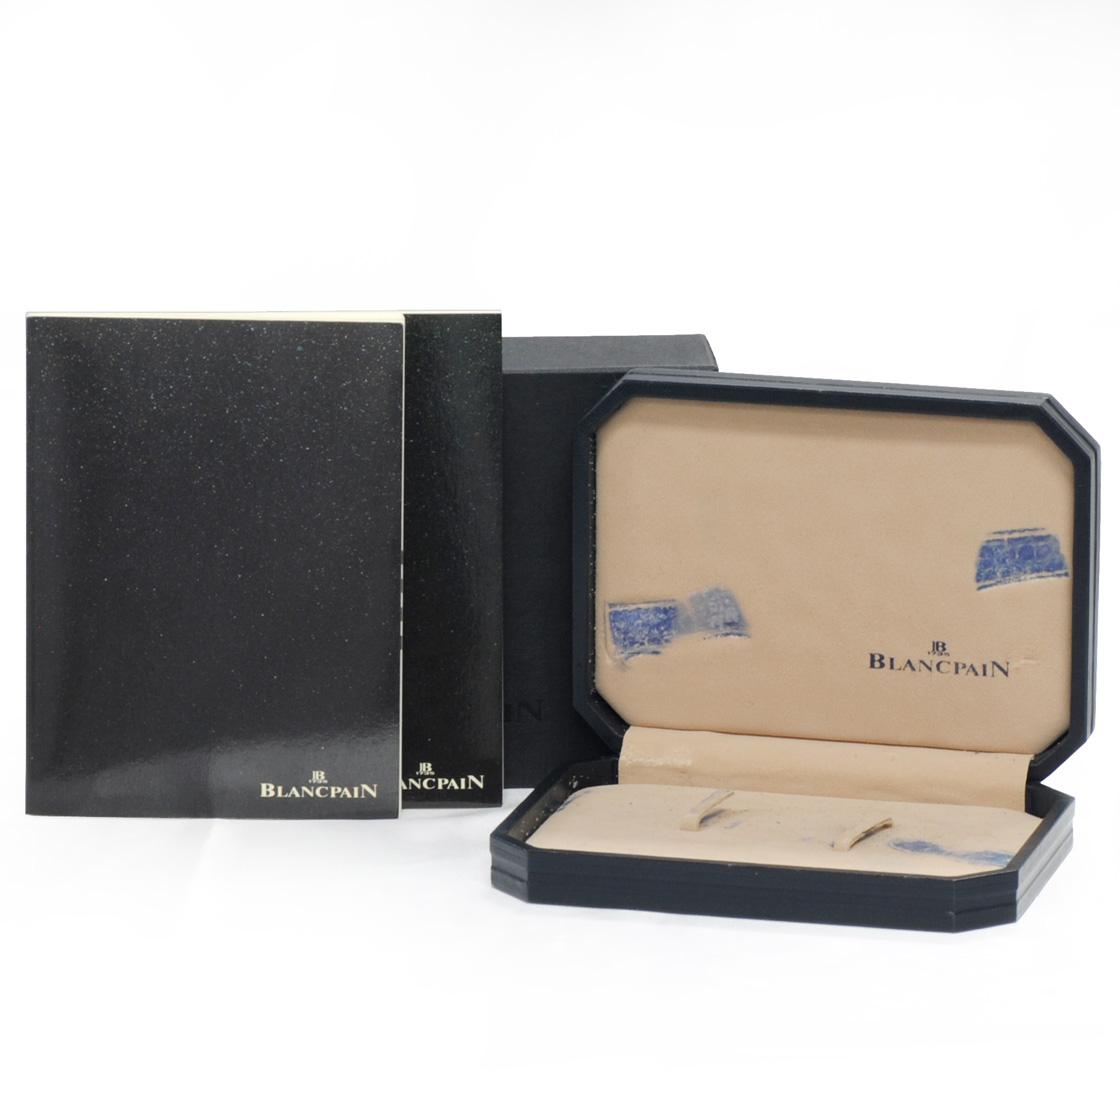 勃朗麵包4795-1418-58 viruredisukukarenda K18YG潔凈/MORELLATO公司製造皮革白表盤自動卷透明背《大修、新貨完成已經的!》